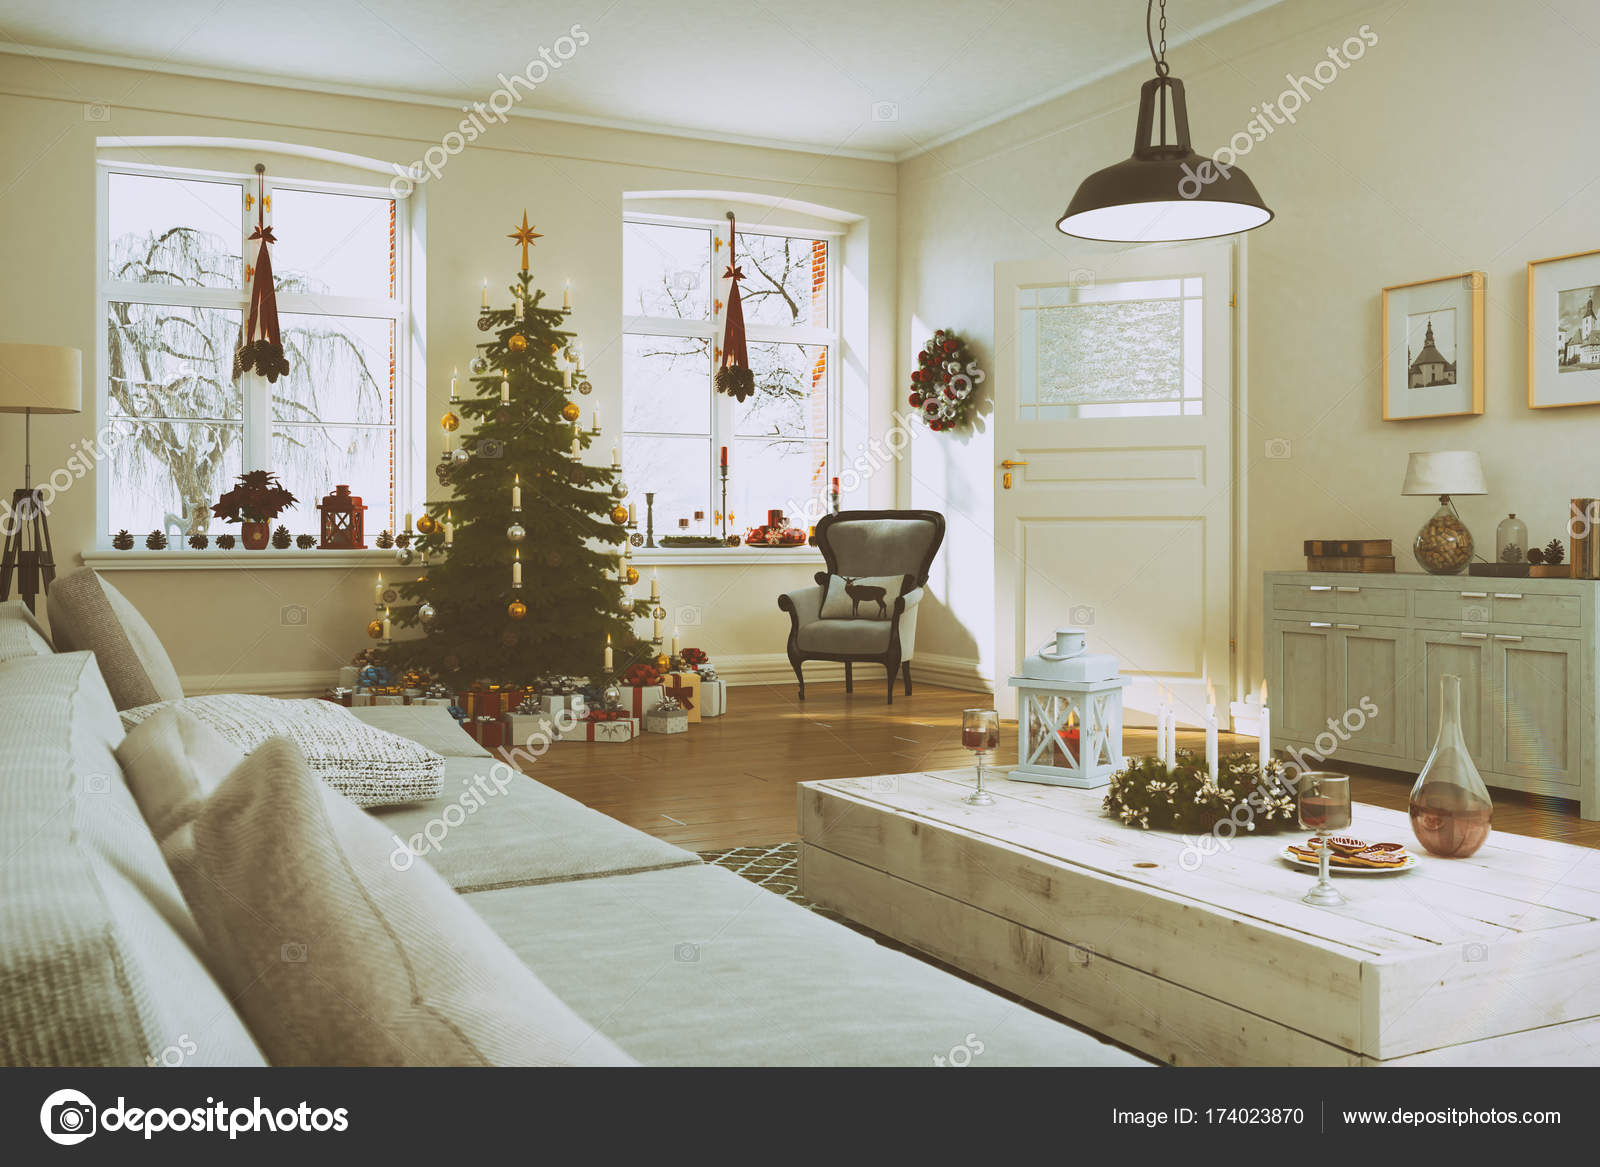 3d Render Aus Einem Nordischen Wohnzimmer Mit Weihnachtsbaum Retro